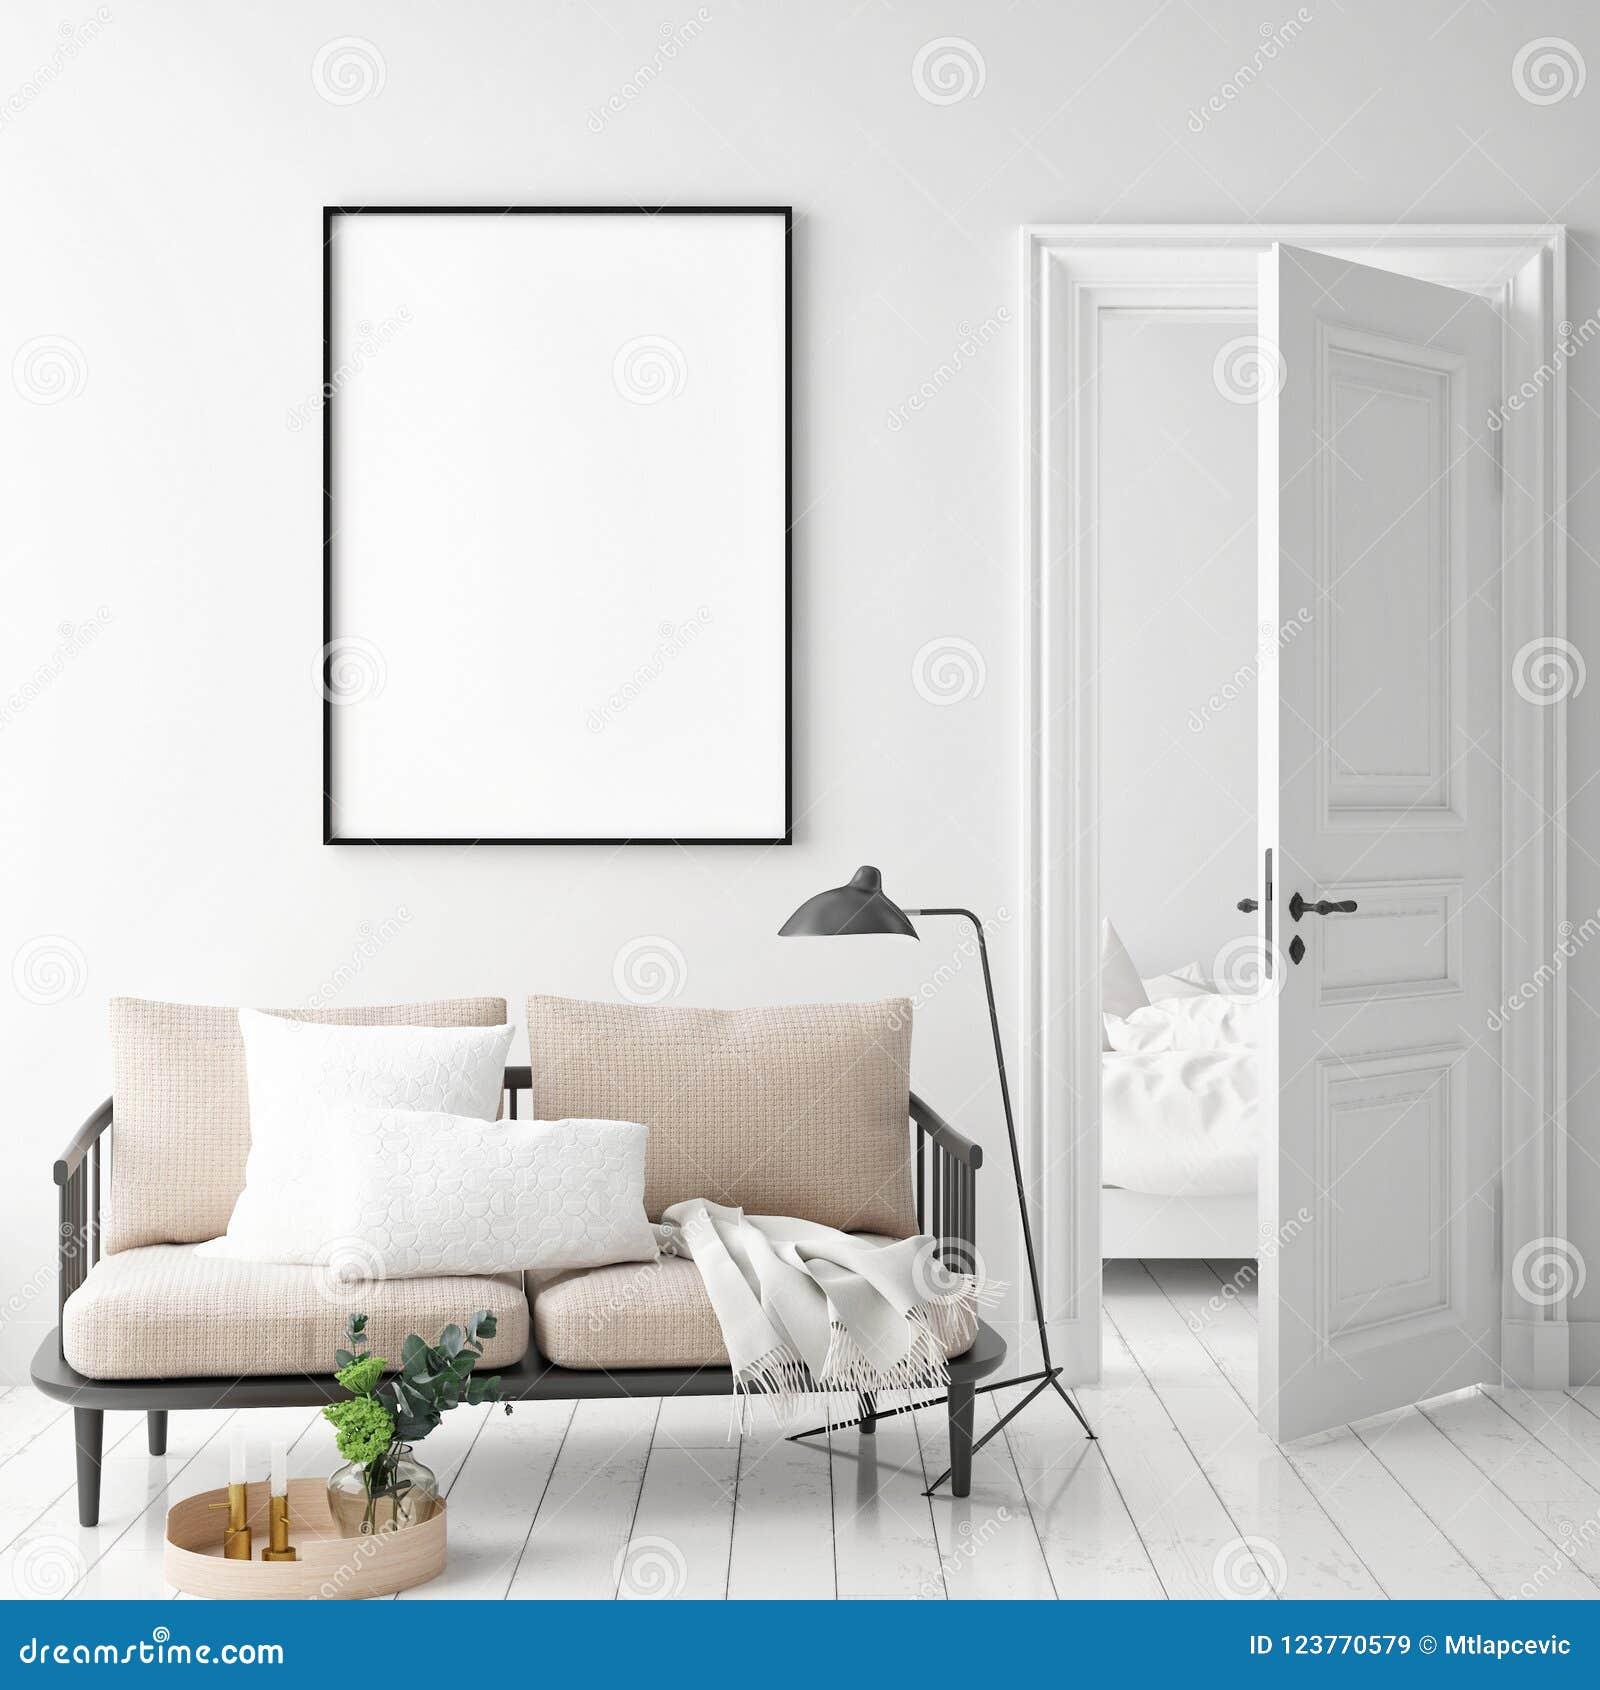 嘲笑海报框架在行家内部背景,斯堪的纳维亚样式中